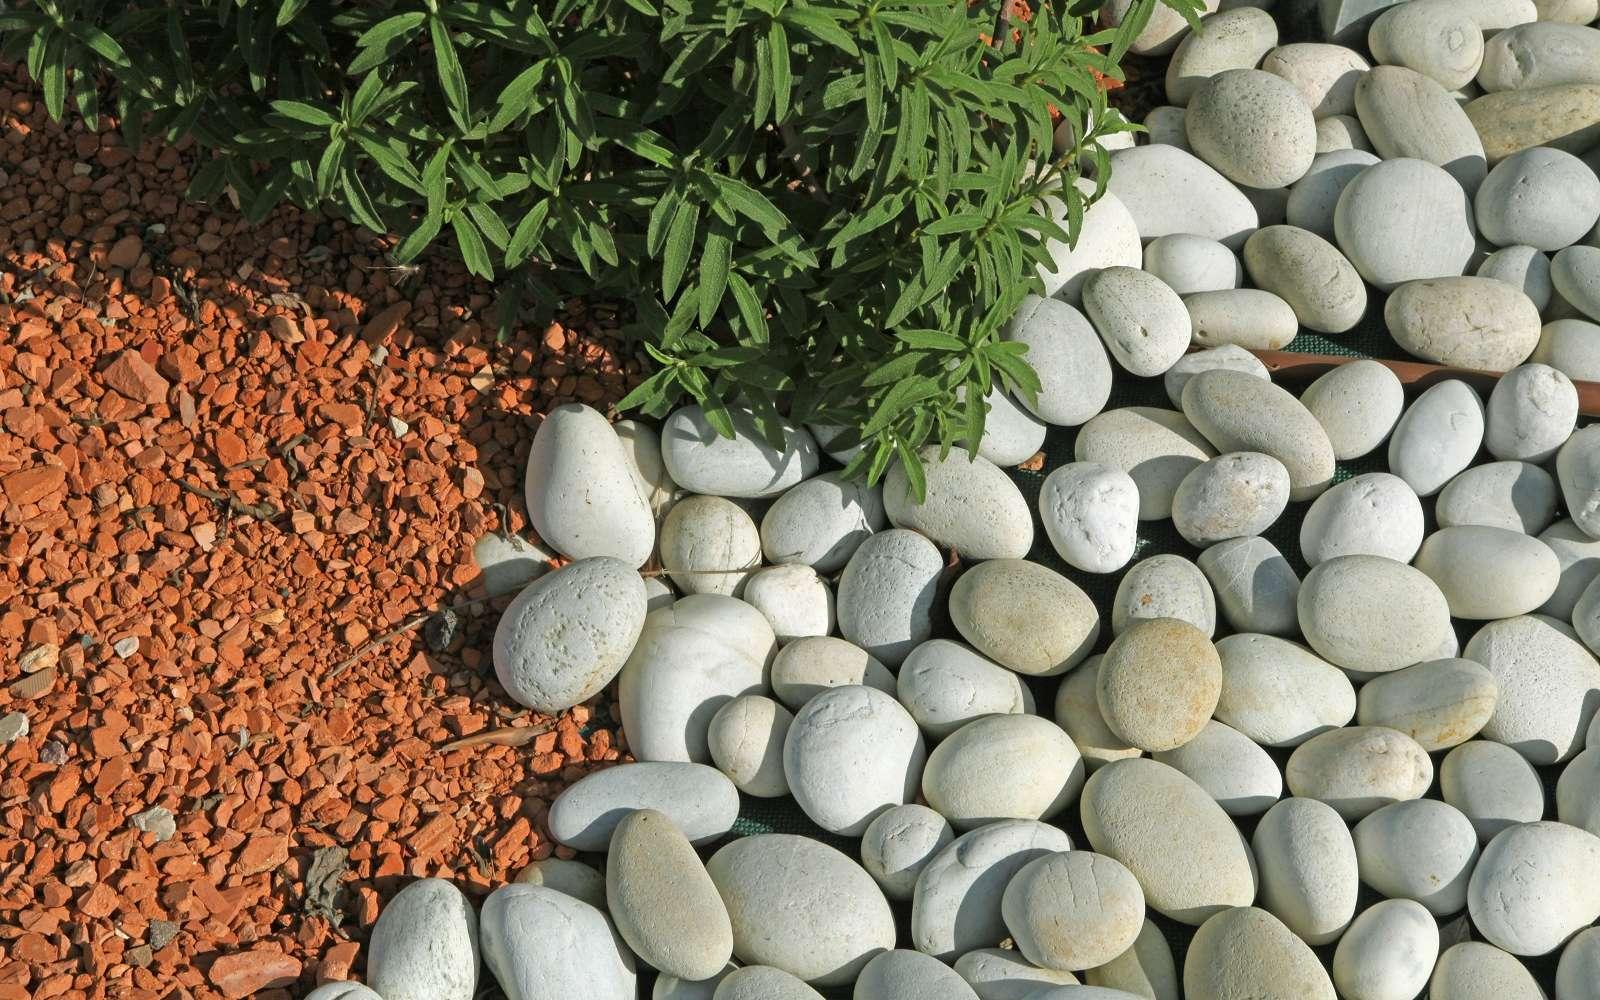 Mélangez les matières de paillis minéral pour ajouter une touche décorative à vos massifs. © hcast, Adobe Stock